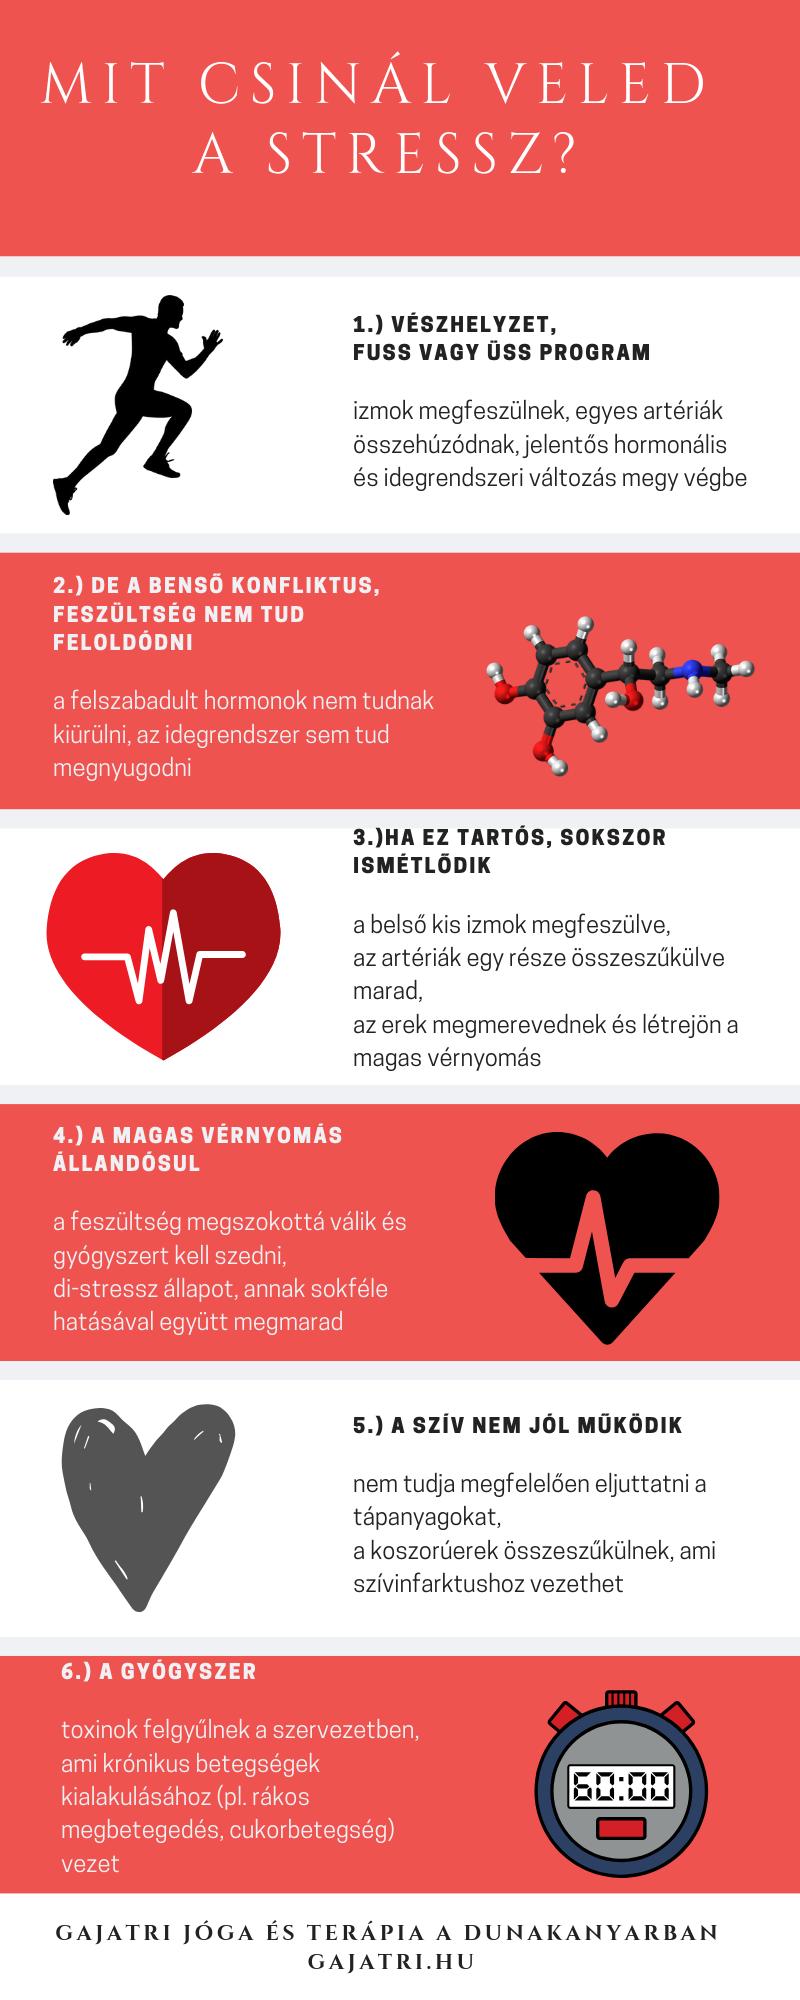 pom a magas vérnyomás ellen férfi magas vérnyomás kezelésére